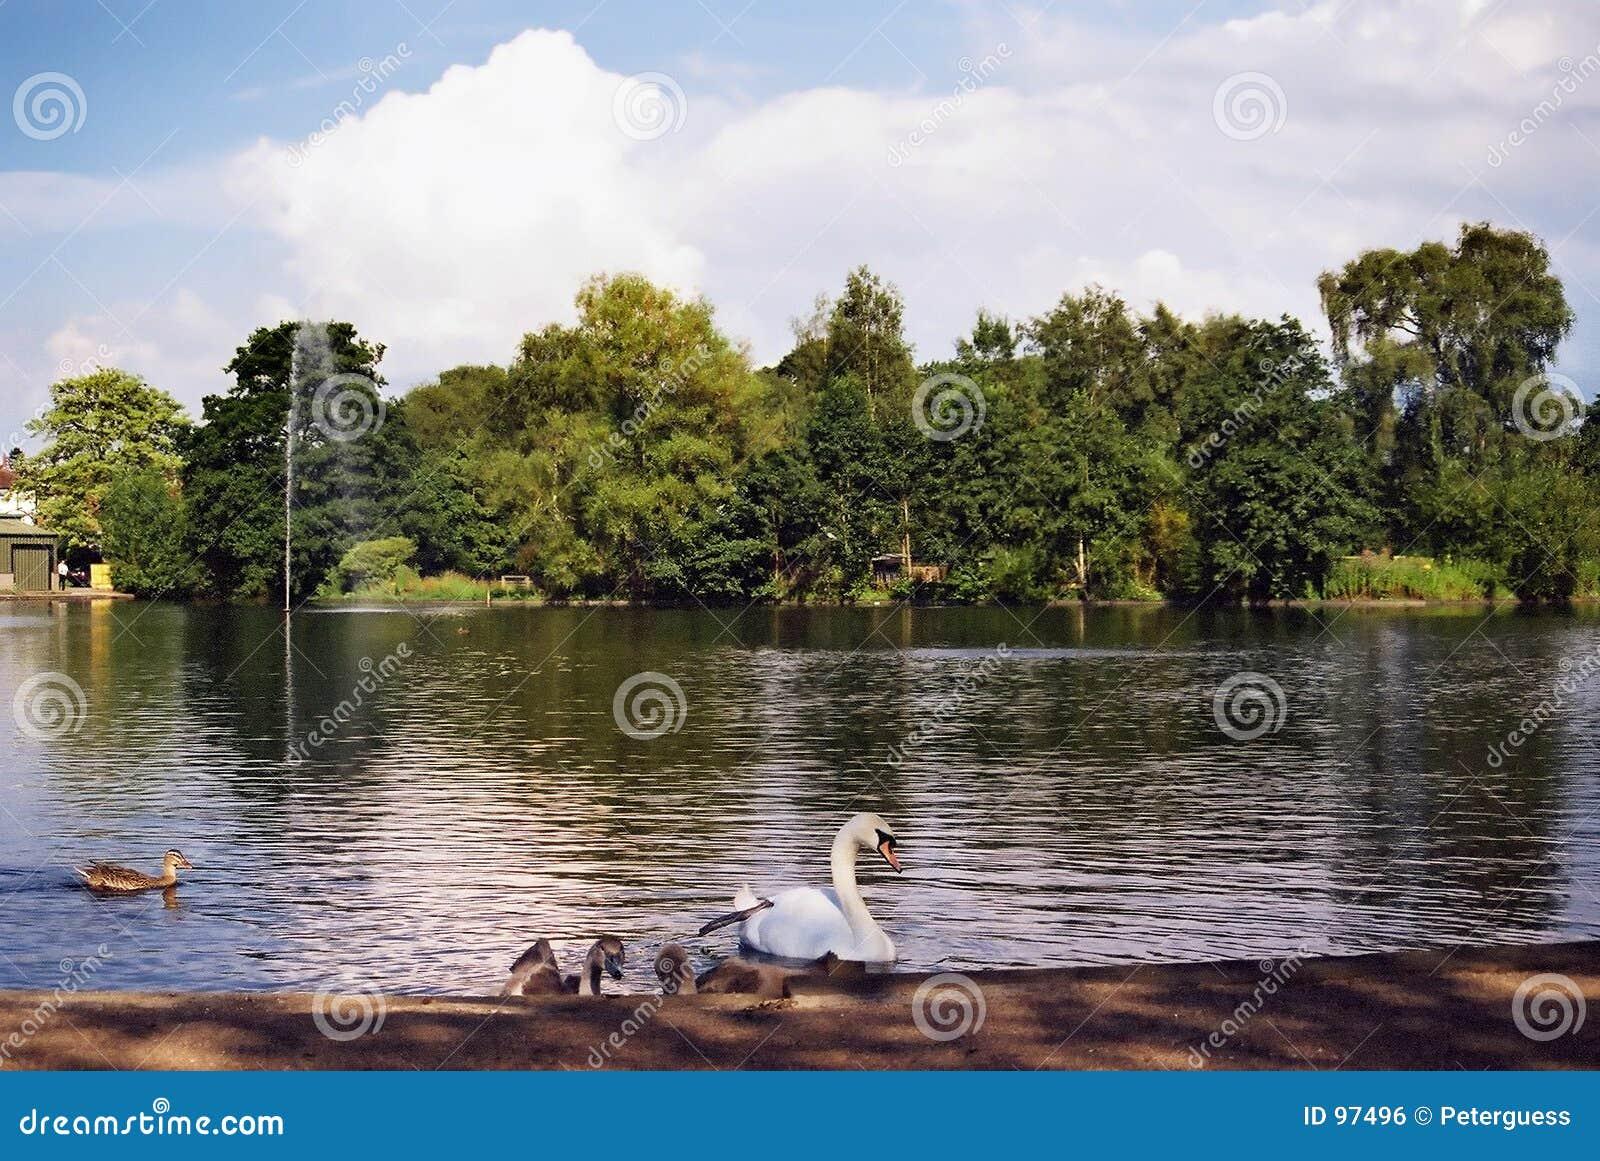 池塘signets天鹅